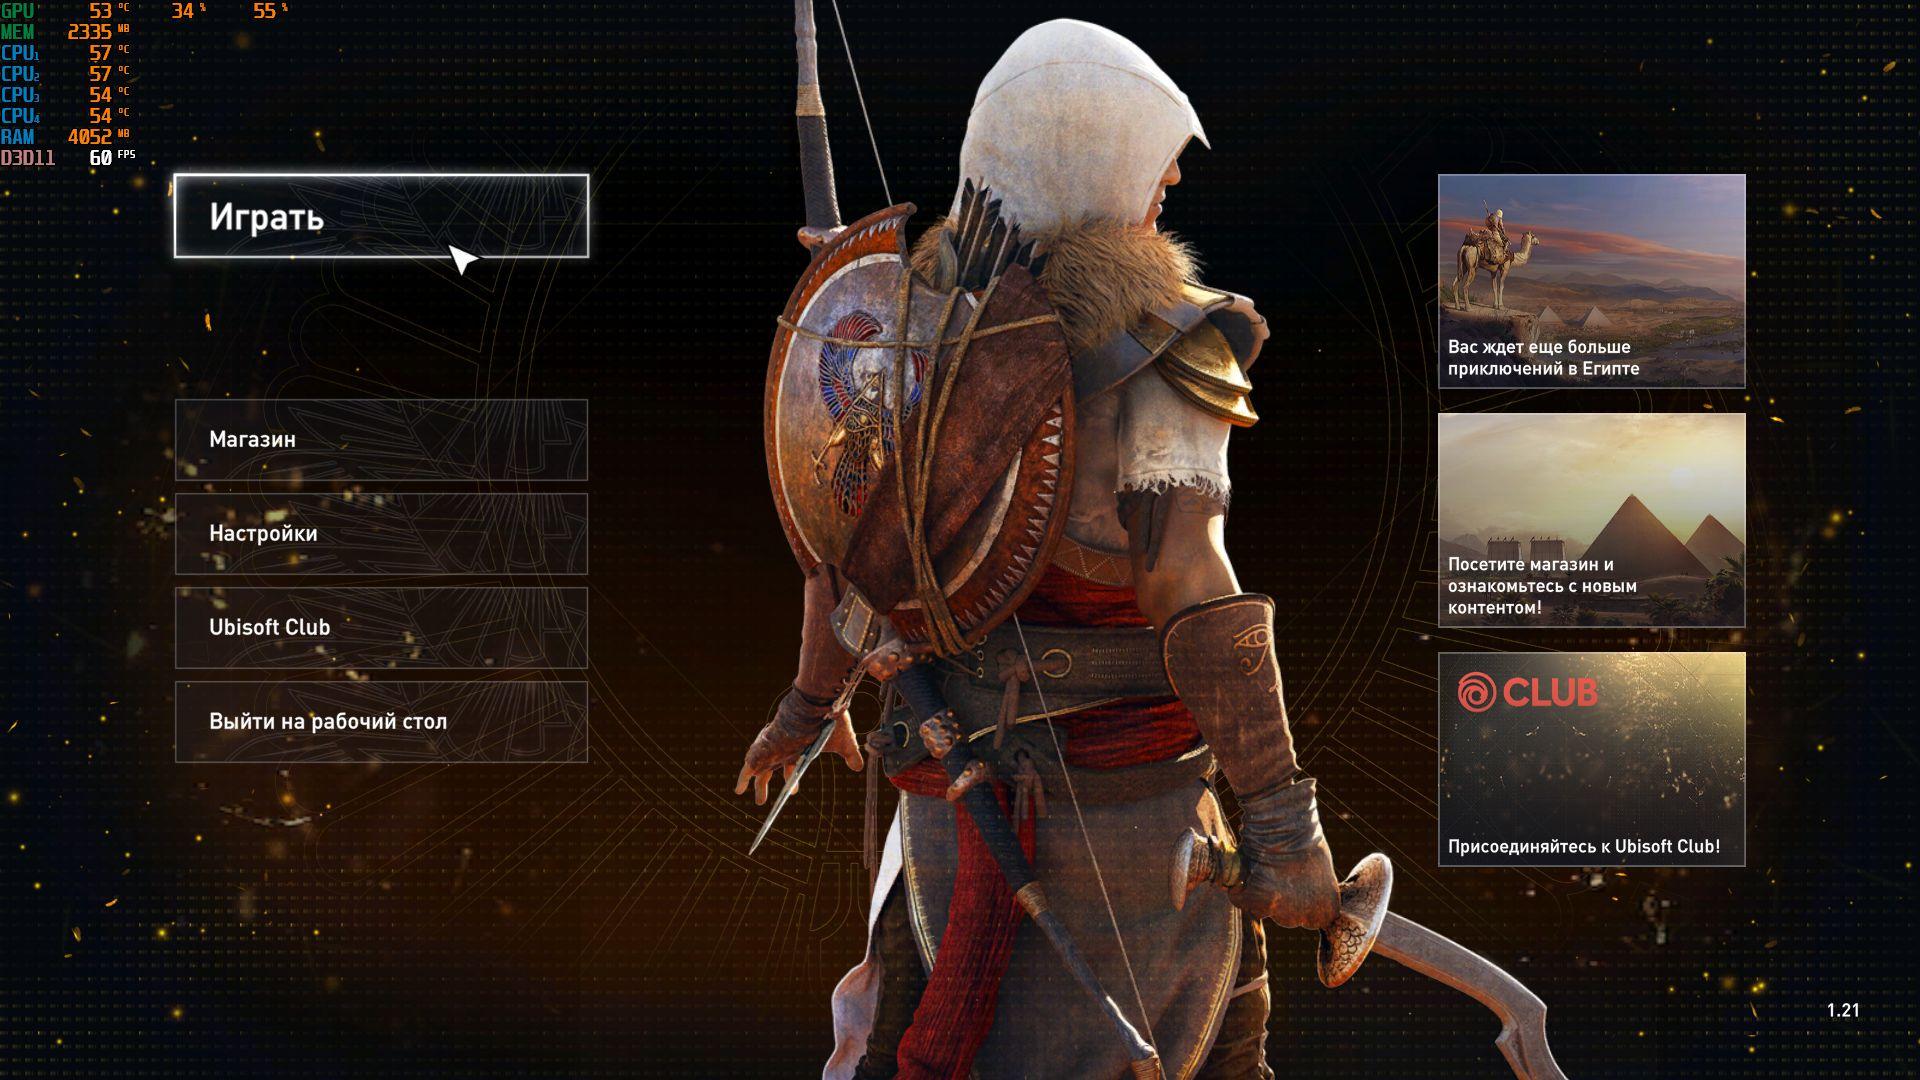 00013.Jpg - Assassin's Creed: Origins